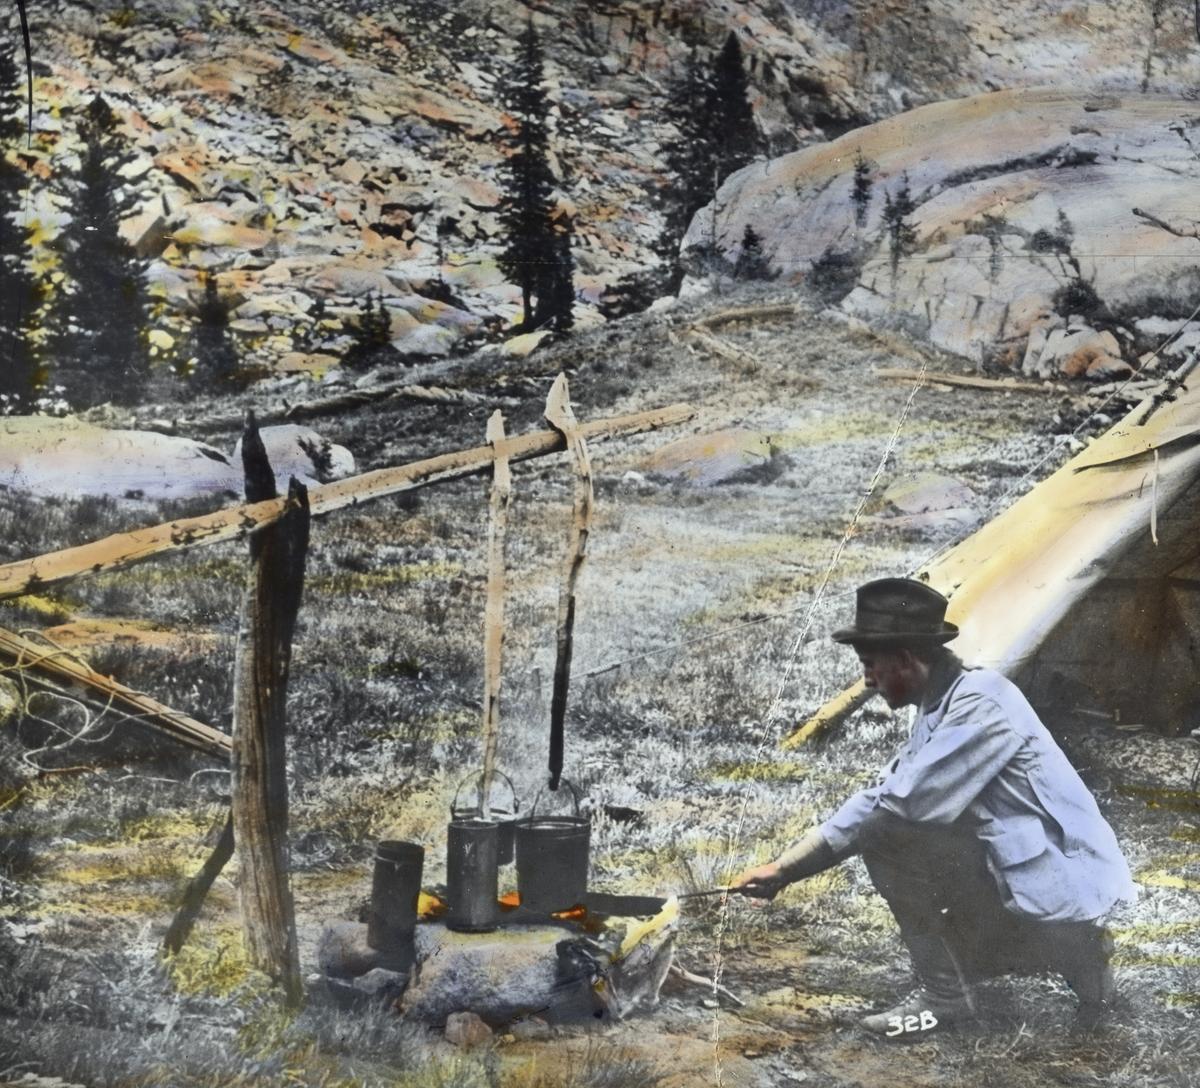 """Håndkolorert dias. En mann passer bålet, der to kjeler koker. Bak skimtes delene av et telt og et steinete fjellandskap. I boken """"En emigrants ungdomserindringer"""" forteller fotografen Anders Beer Wilse om sitt arbeid i U.S.A."""